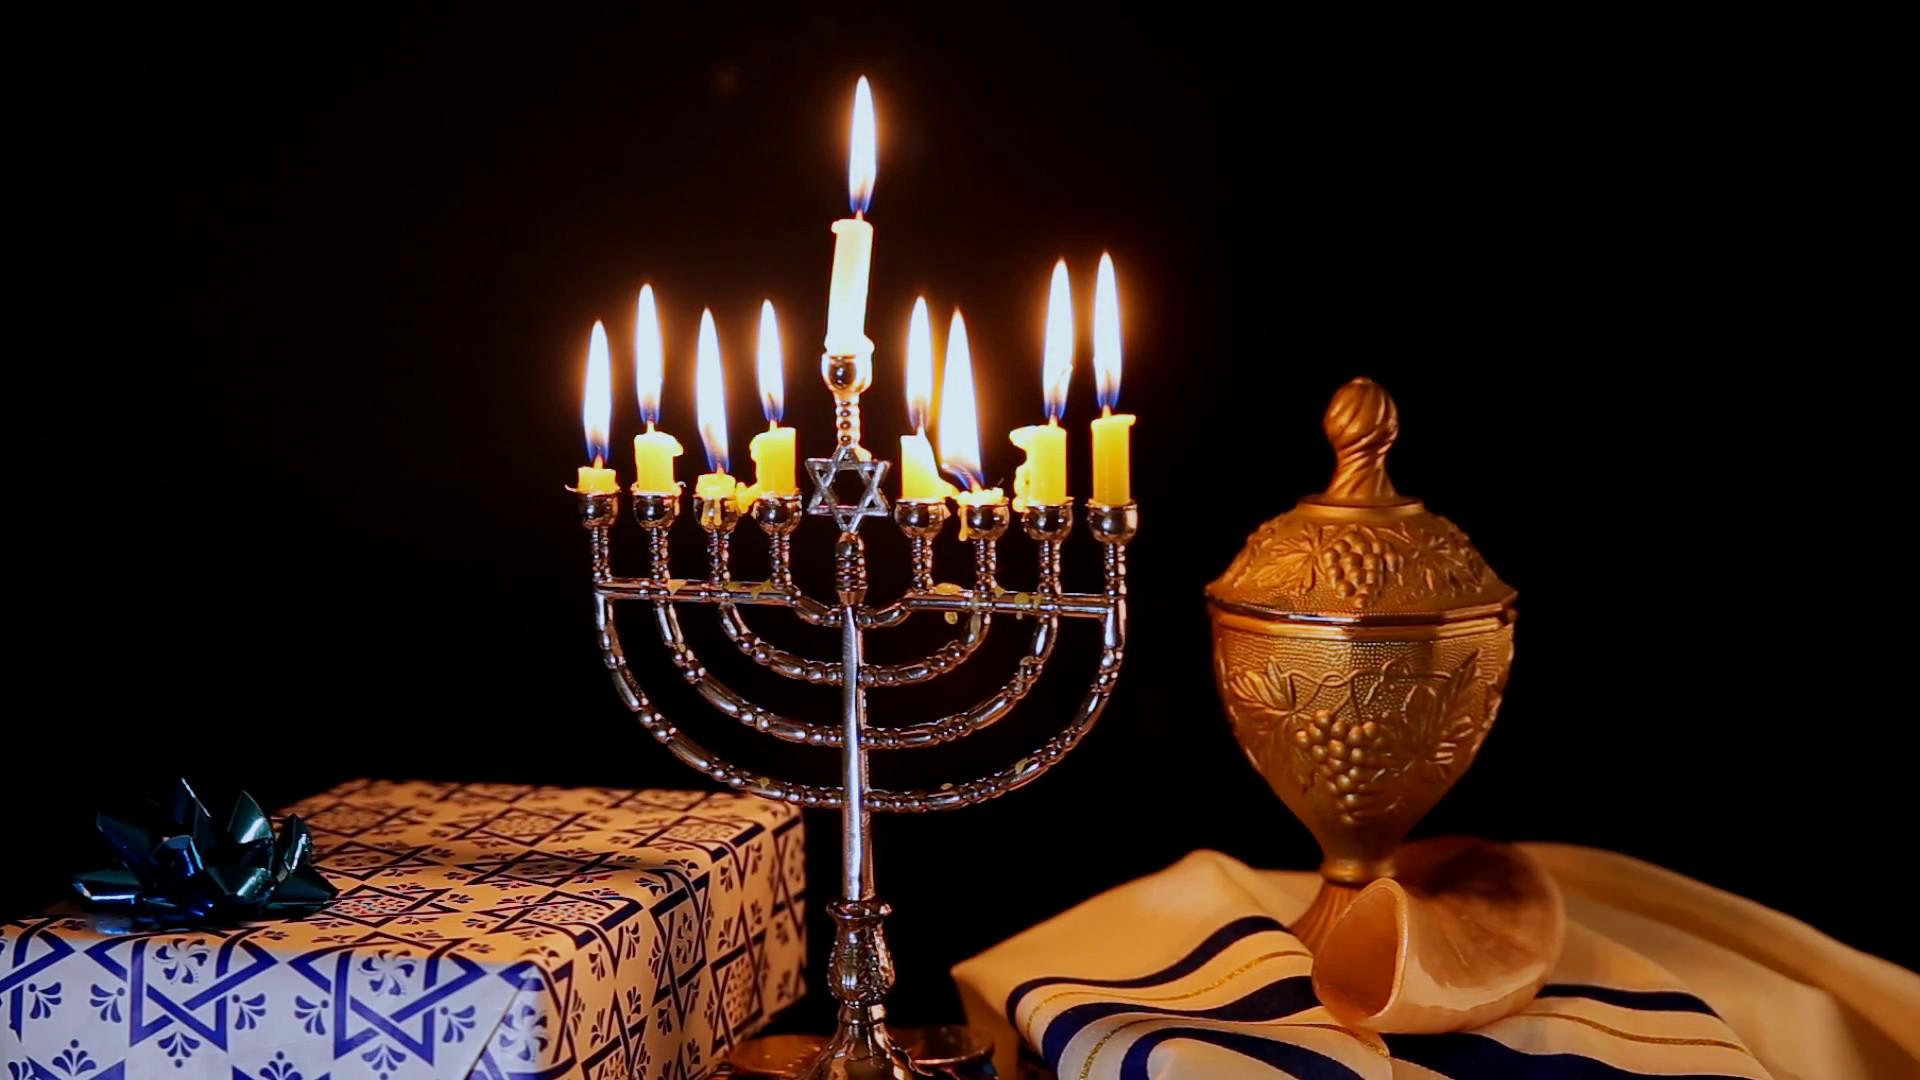 Hanukkah Wallpaper 41 Images